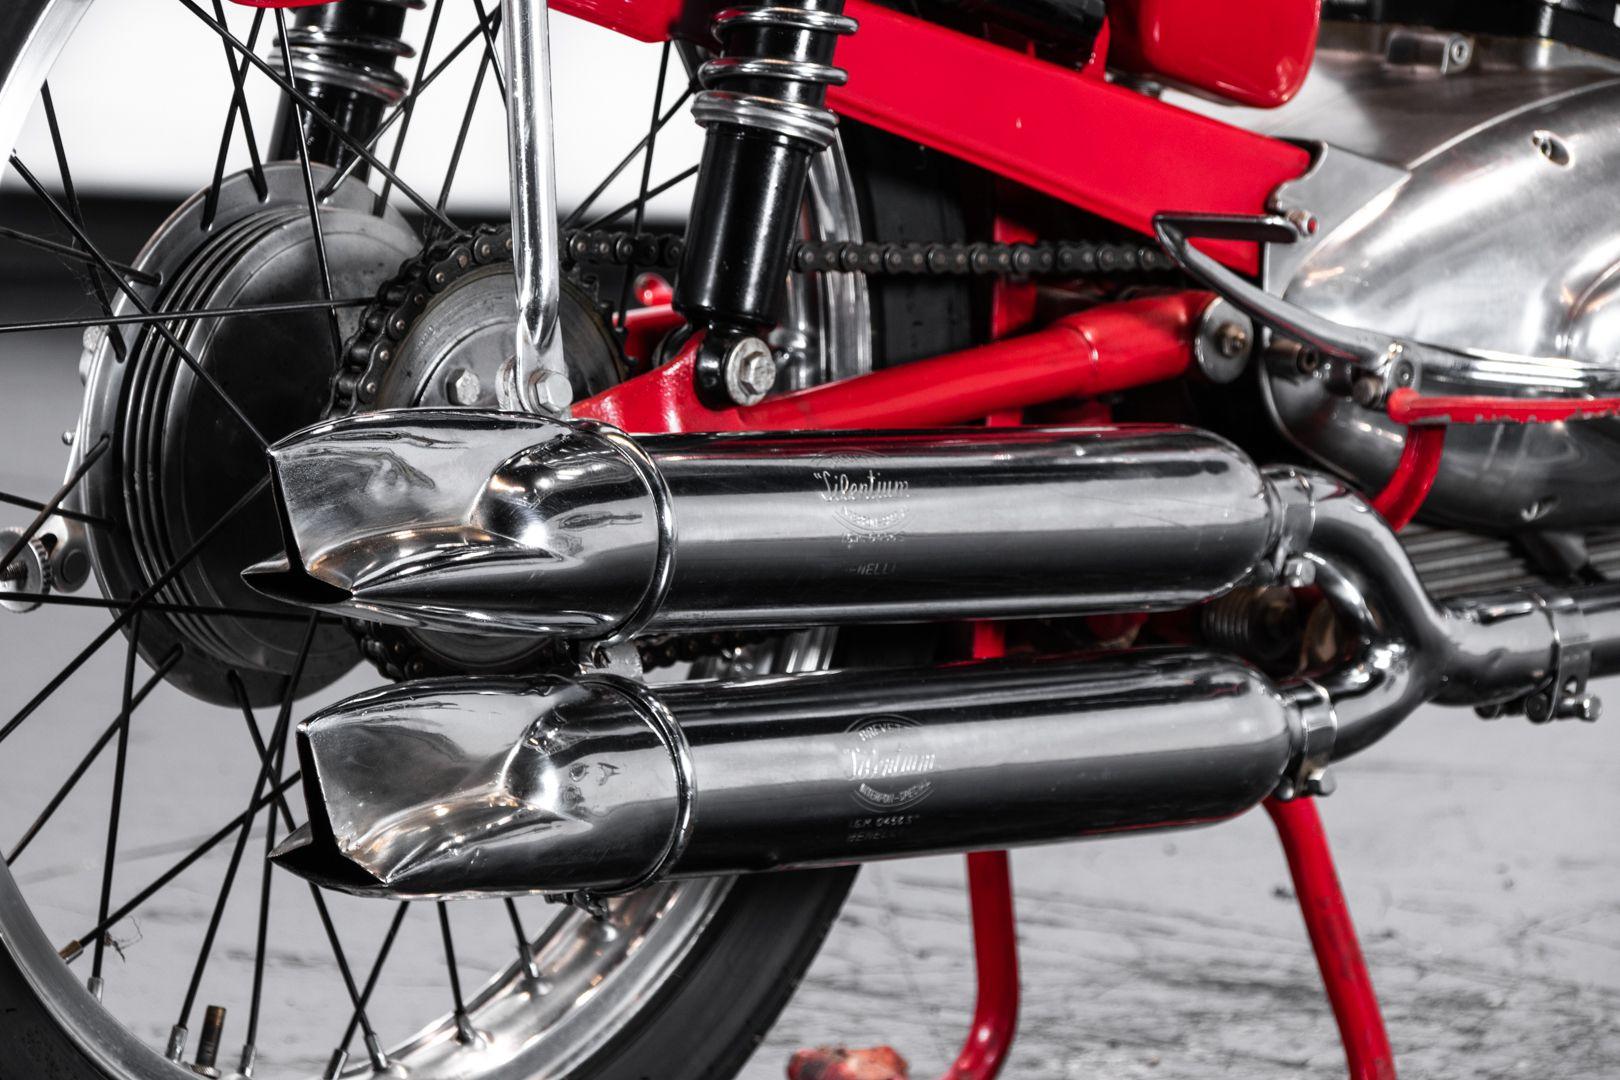 1955 Moto Morini Settebello Molle Cilindriche 175 78566